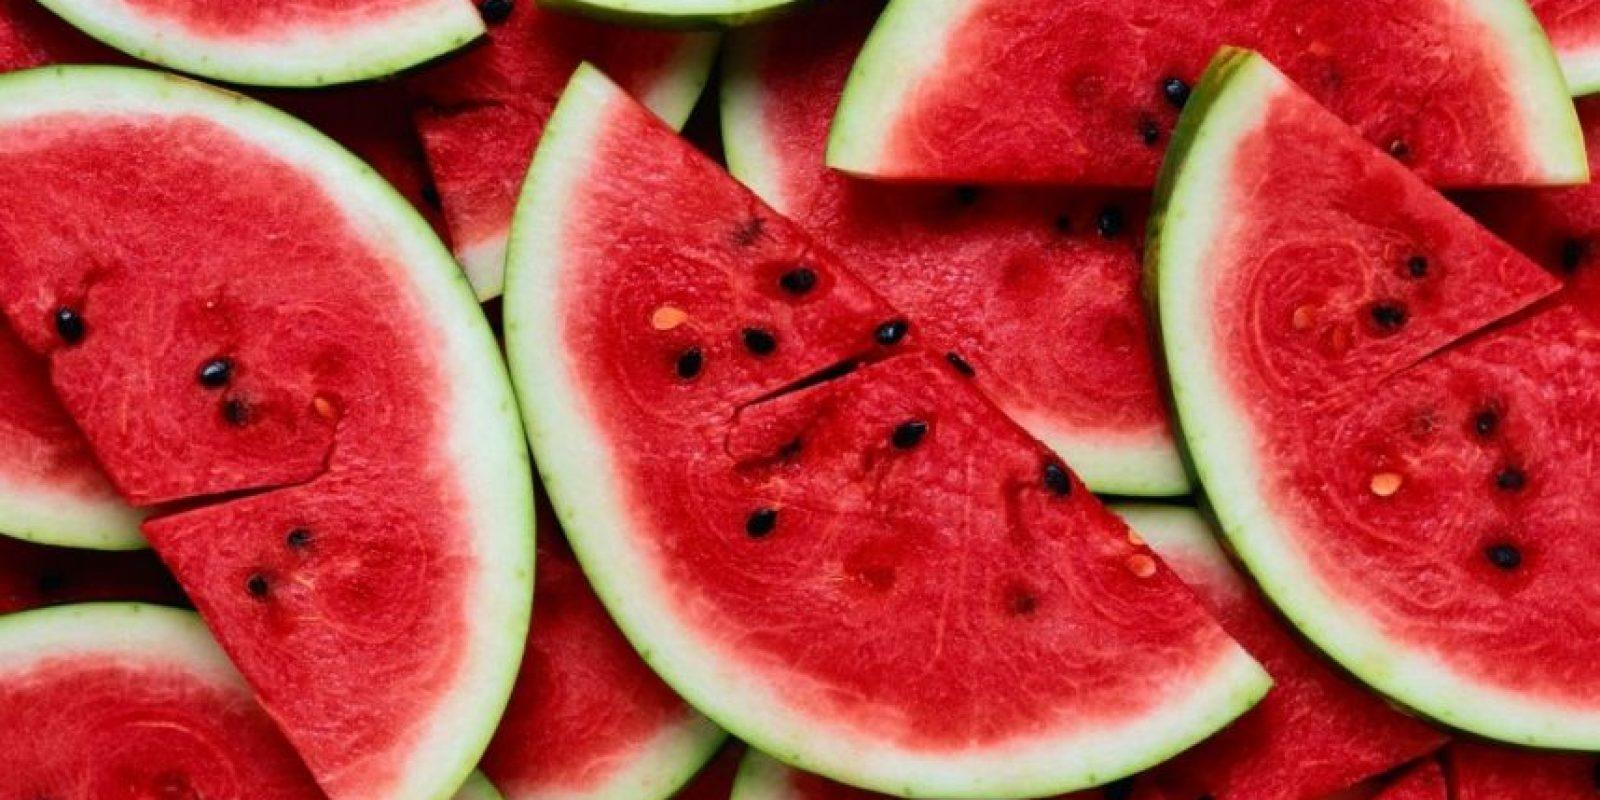 7. Si consumimos las semillas nos ayudará a limpiar los intestinos. Foto:Getty Images